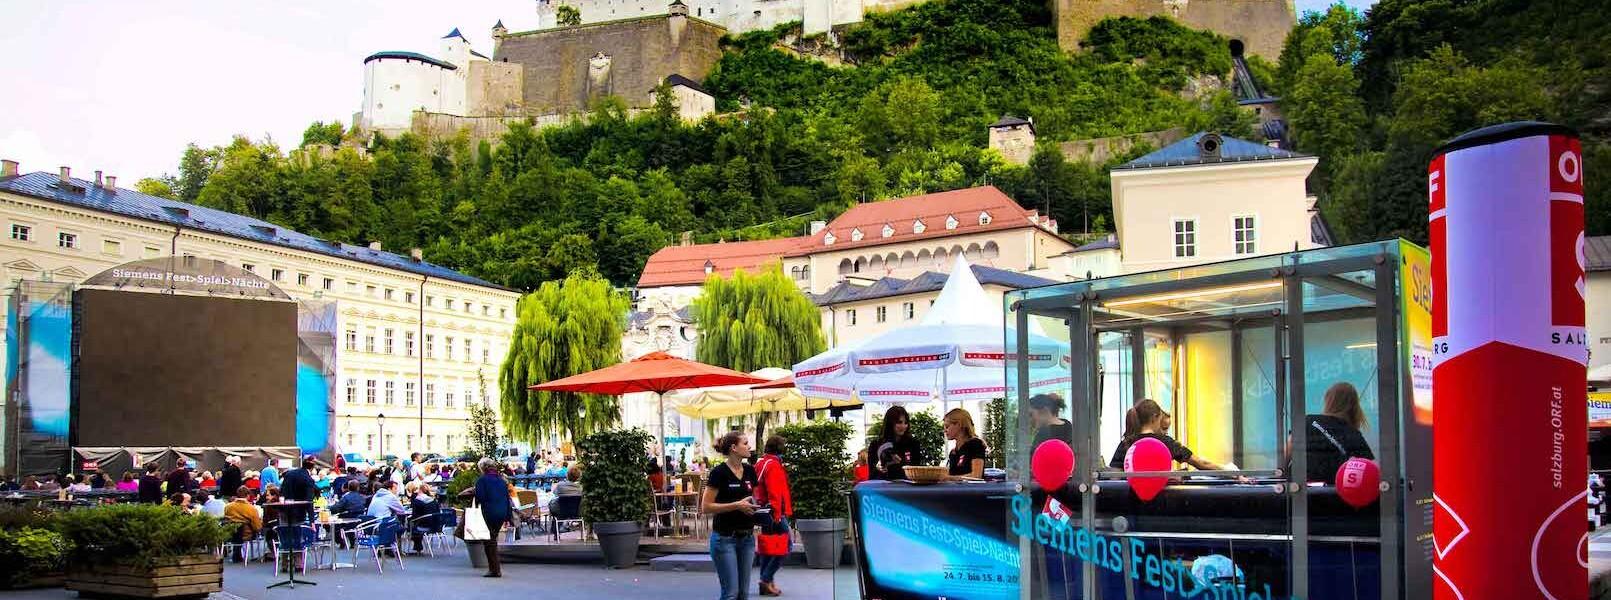 Siemens Fest-Spiel-Nächte © Siemens